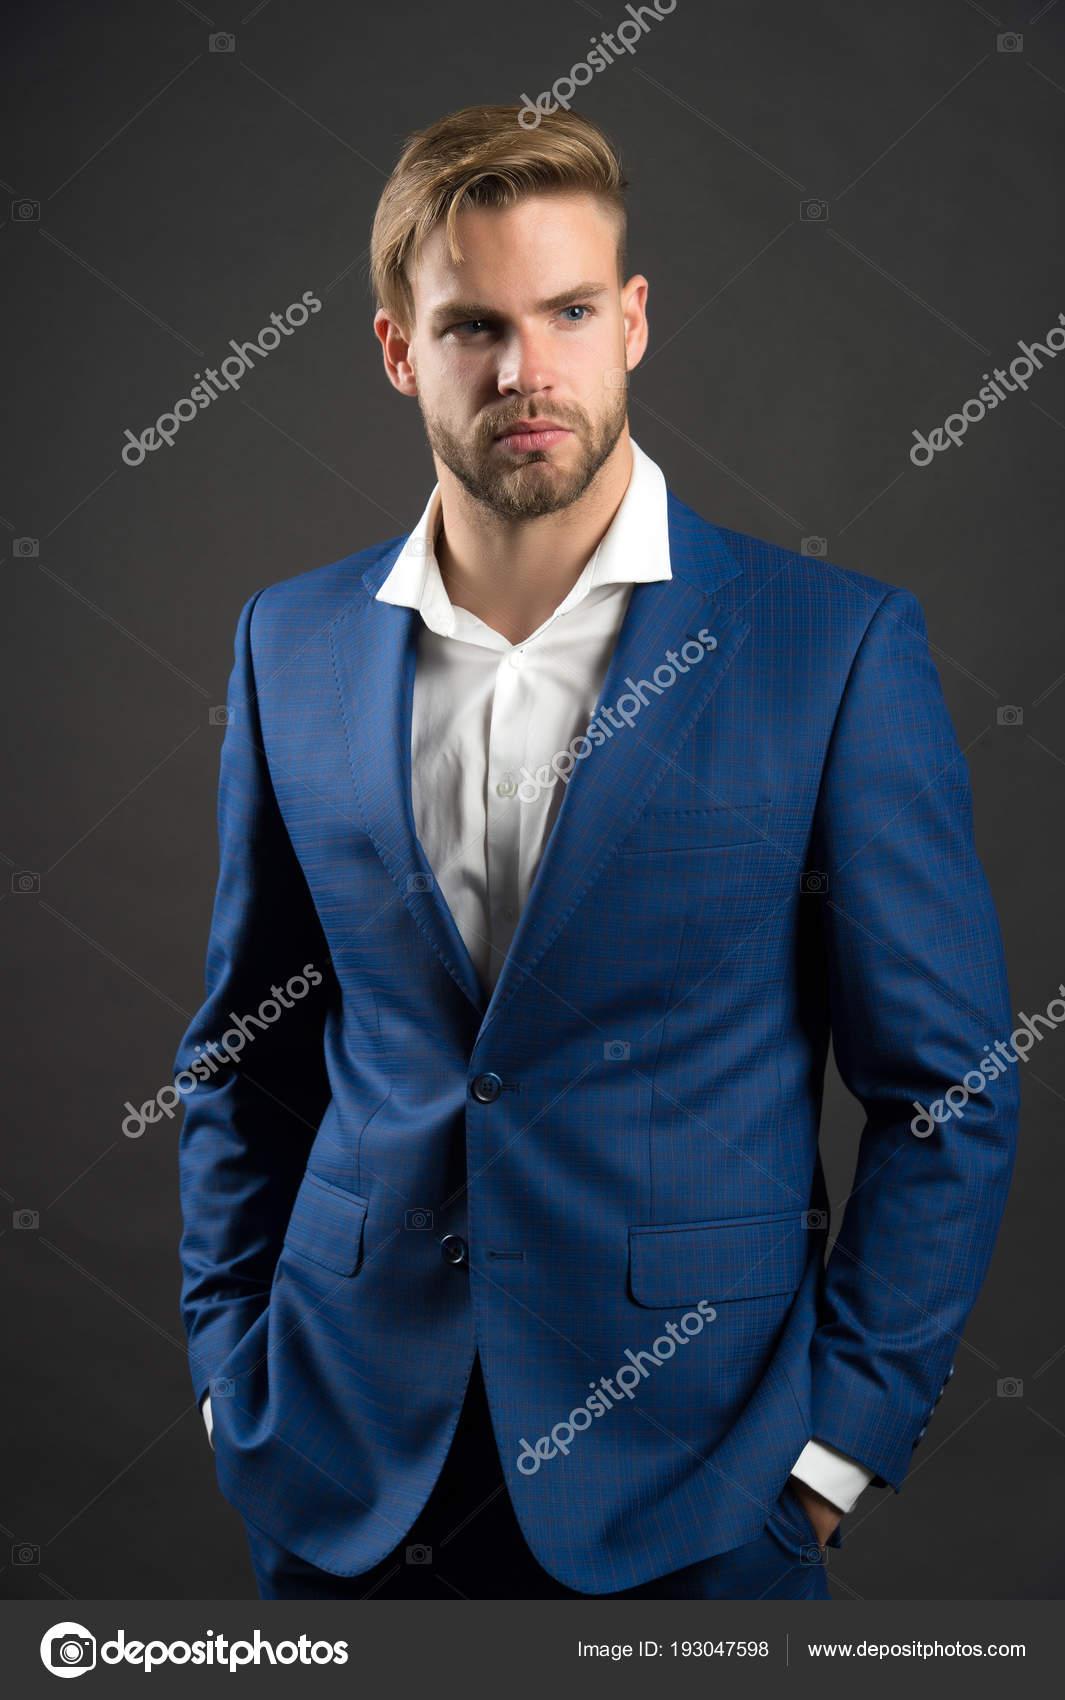 13fbefe2c2 Divat férfi-kék öltöny zakó és ing. Szakállas arca és elegáns haj  üzletember. Igazgató, divatos hivatalos ruhát. Dress code-koncepció.